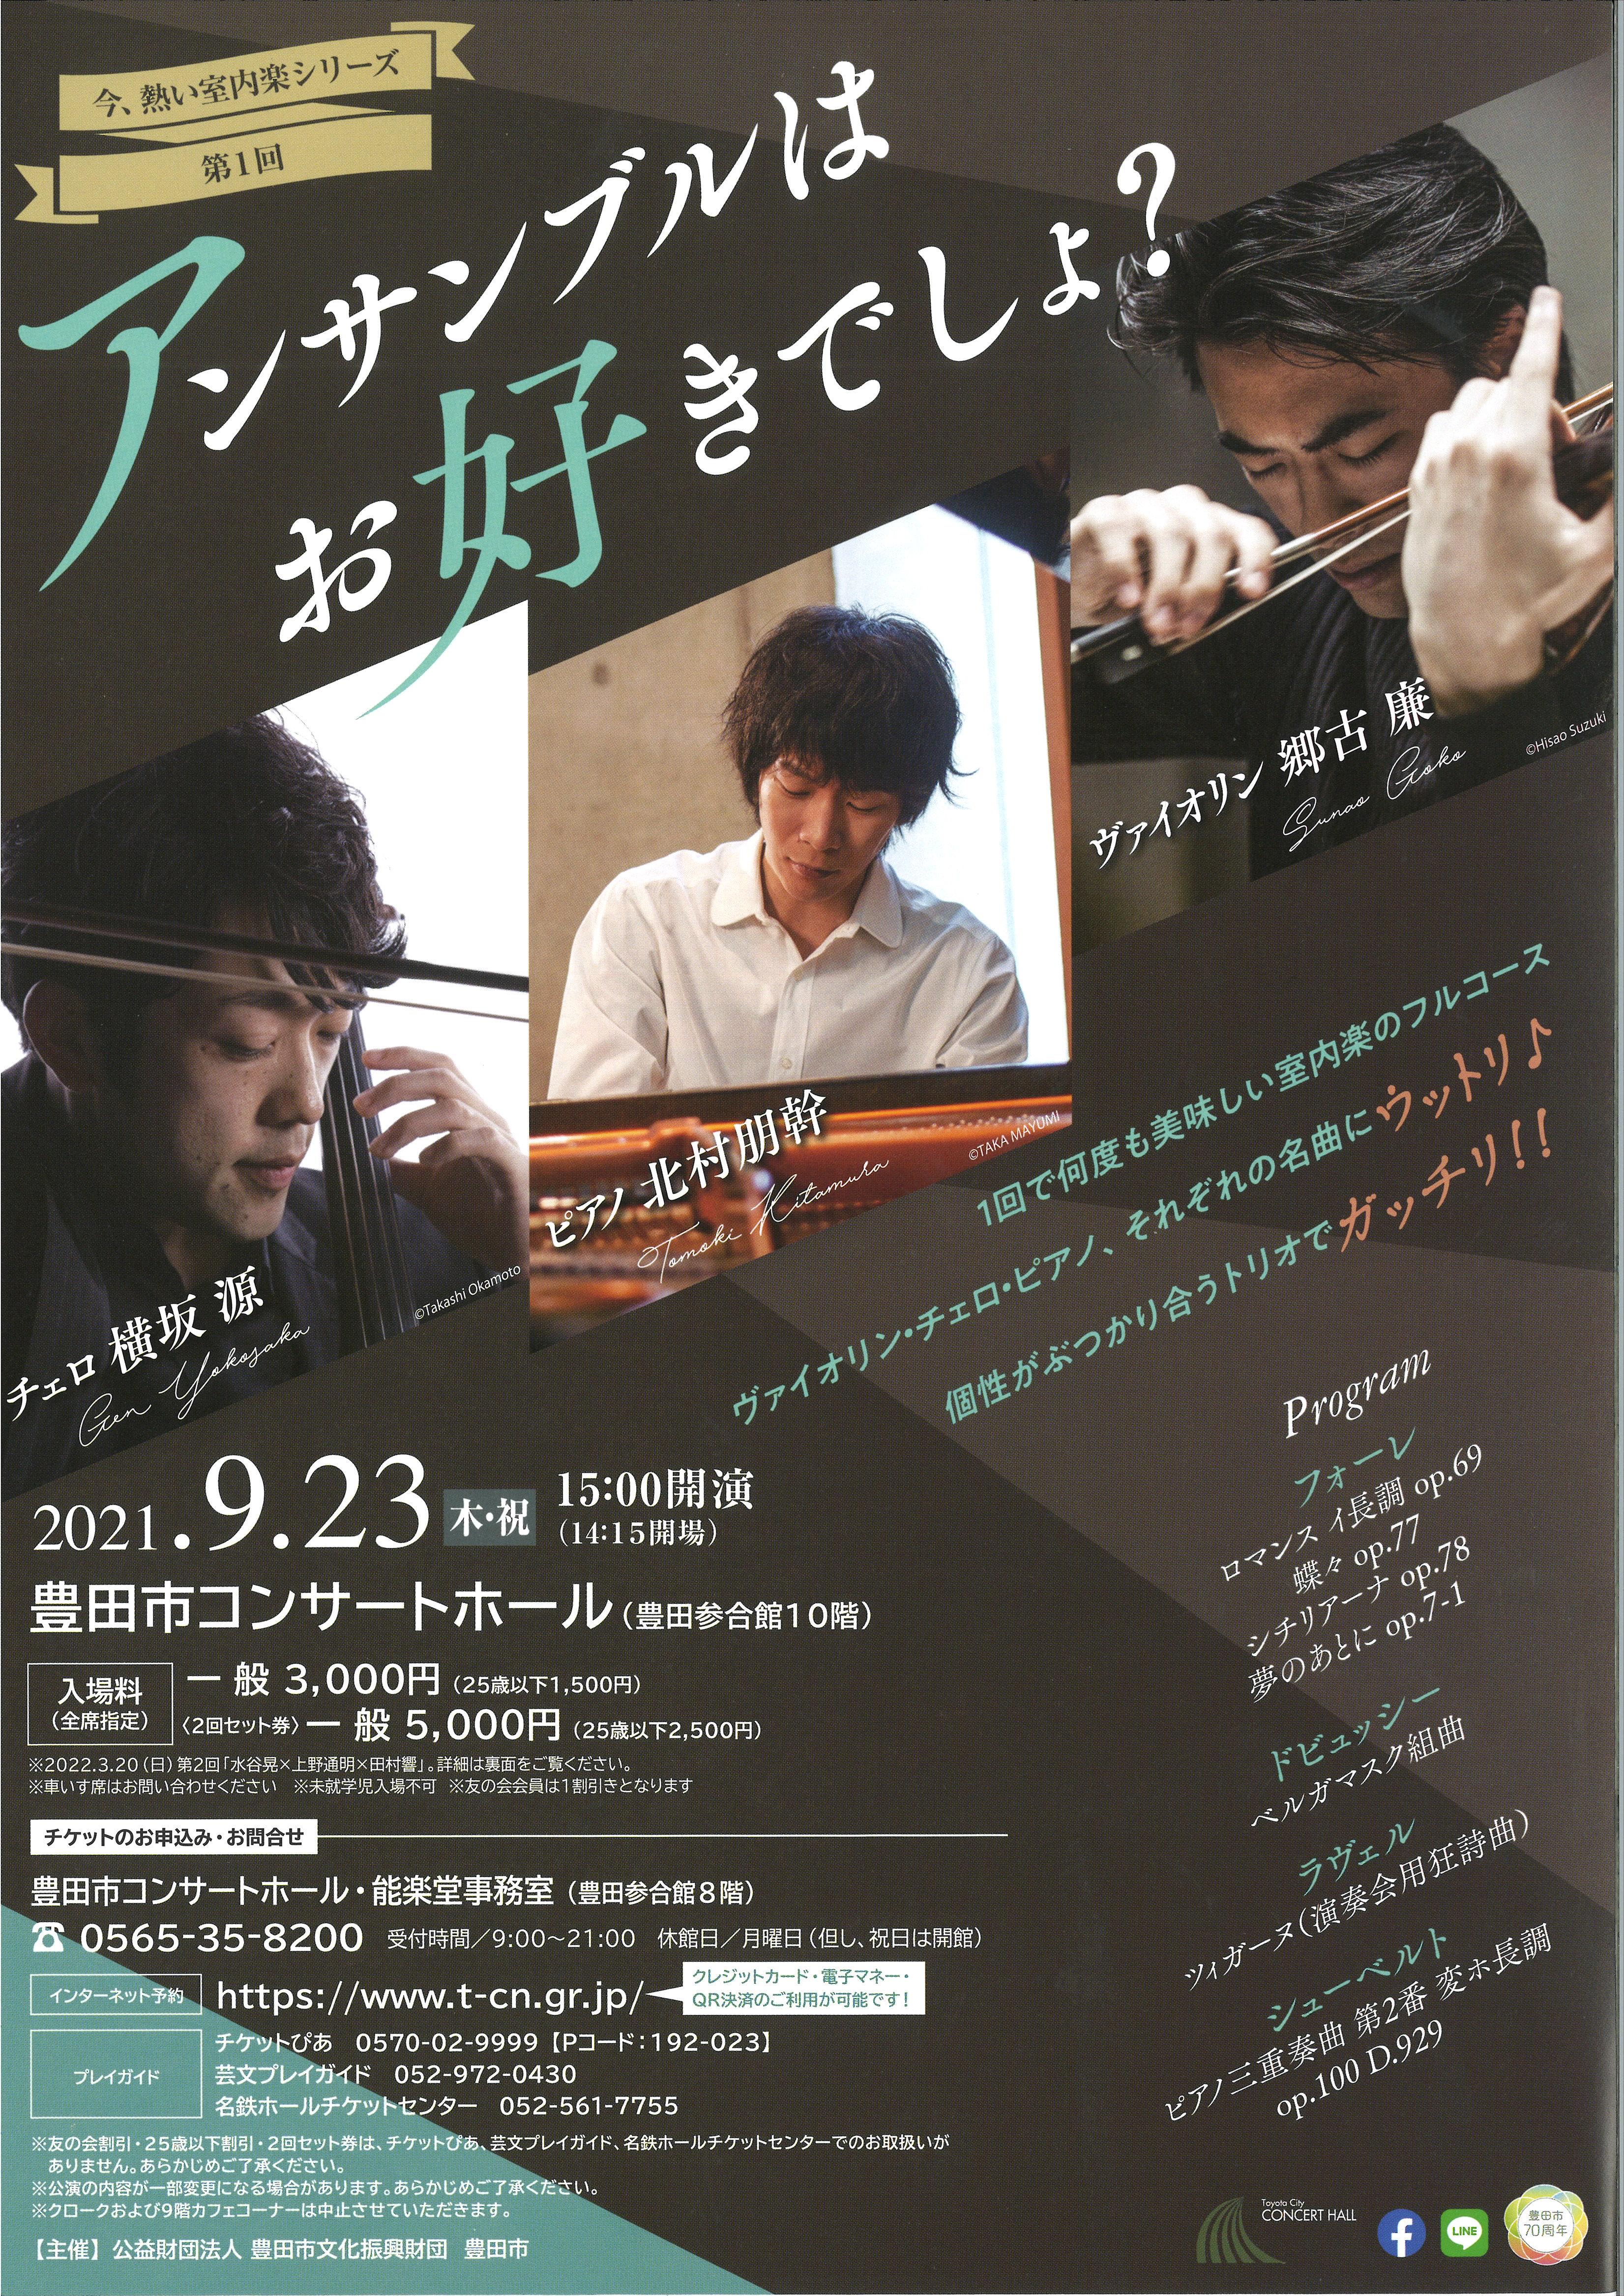 今、熱い室内楽シリーズ「アンサンブルはお好きでしょ?」 第1回『郷古廉(ヴァイオリン)×横坂源(チェロ)×北村朋幹(ピアノ)』